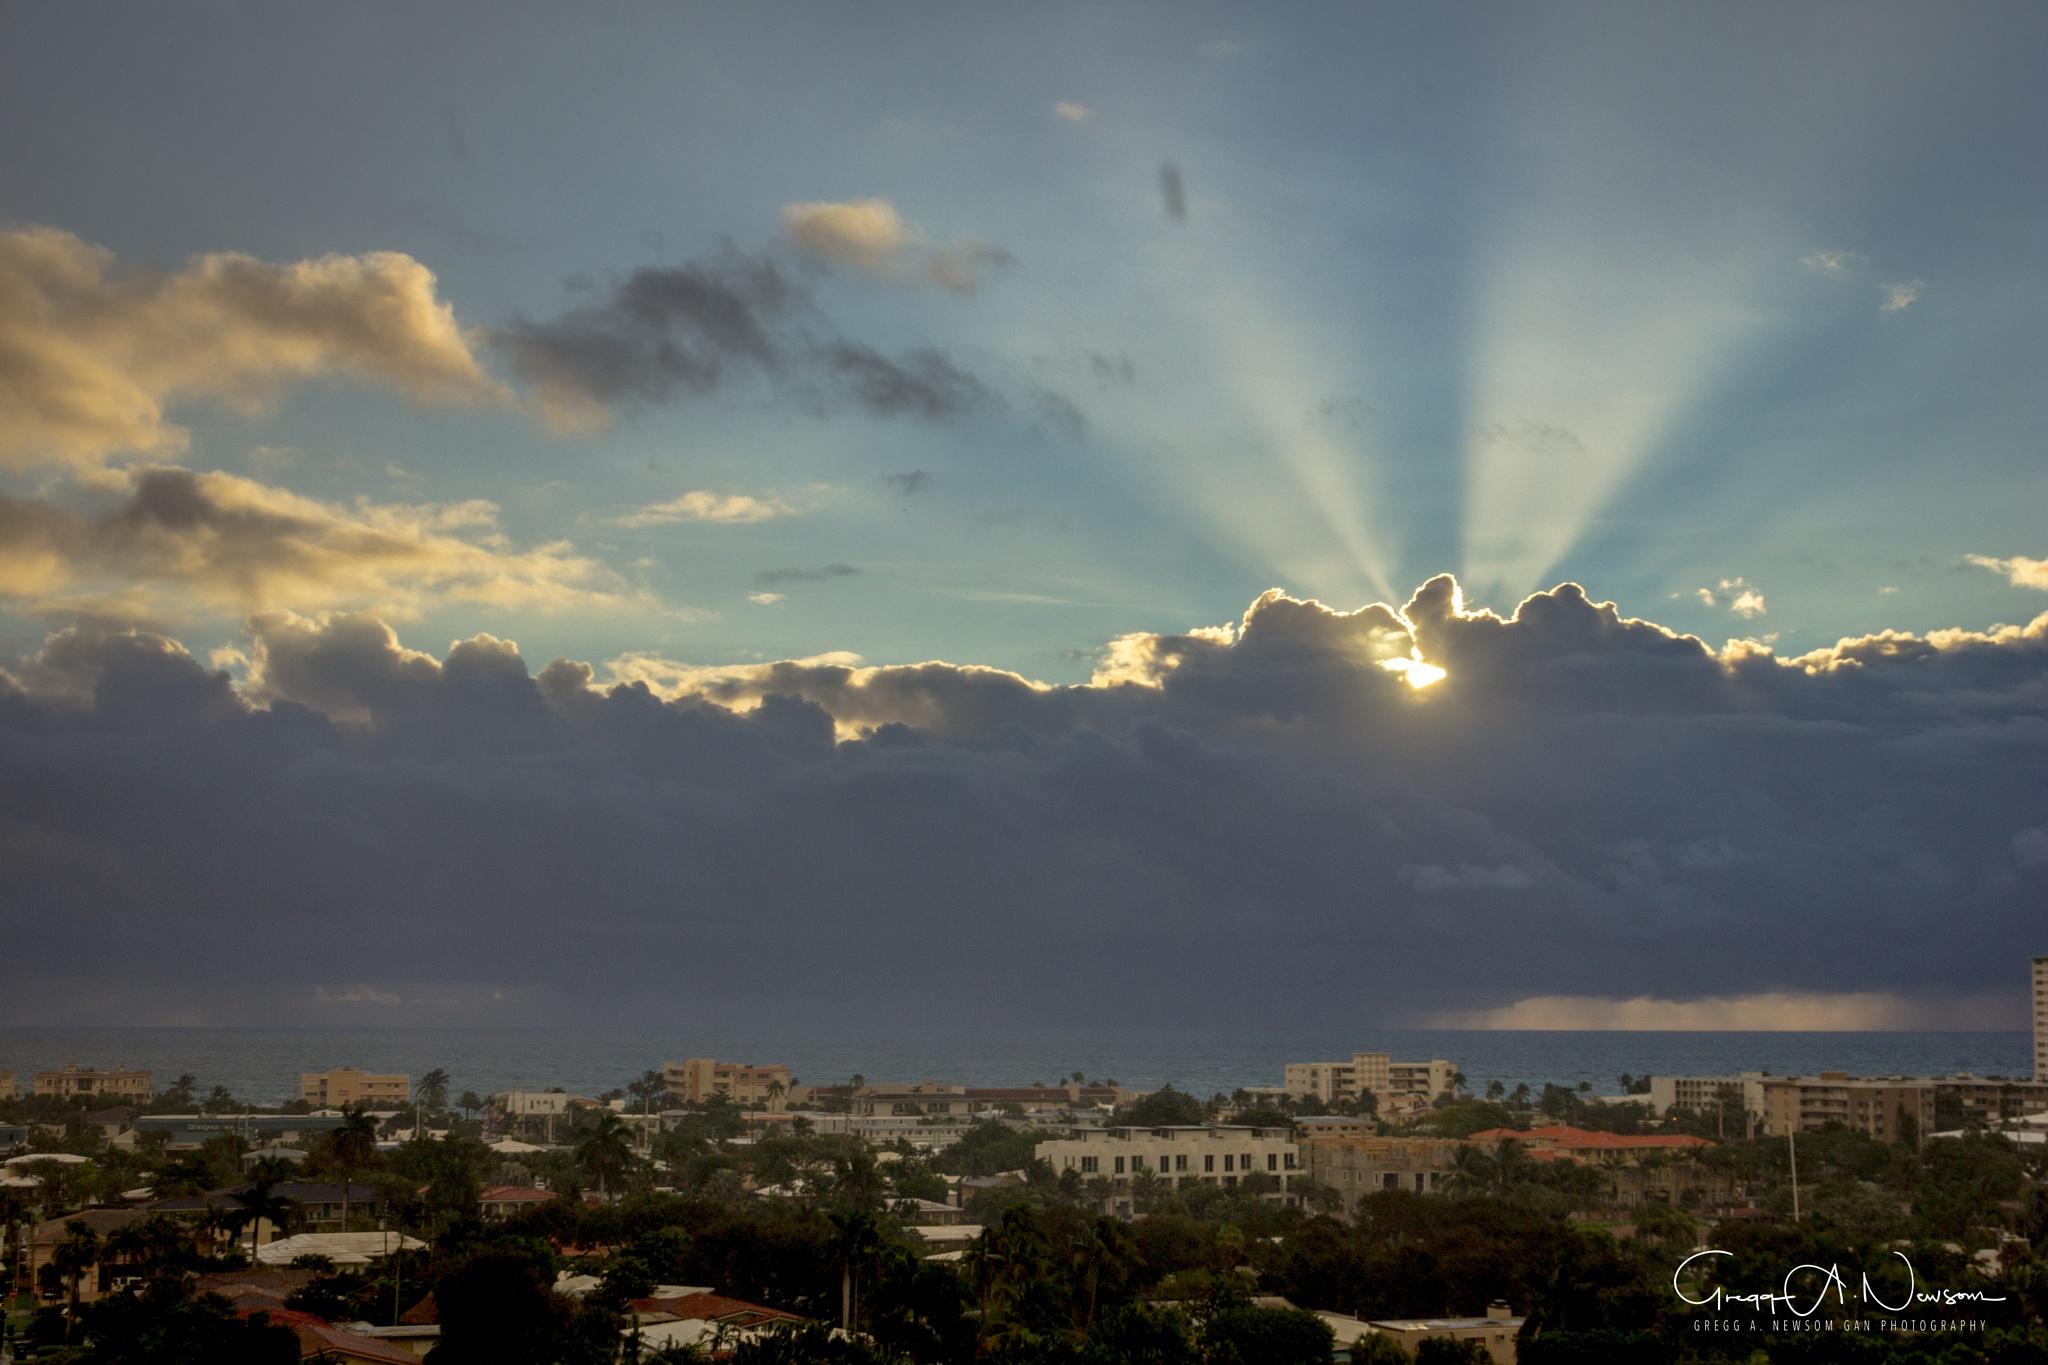 A sunrise. by Gnewsom324